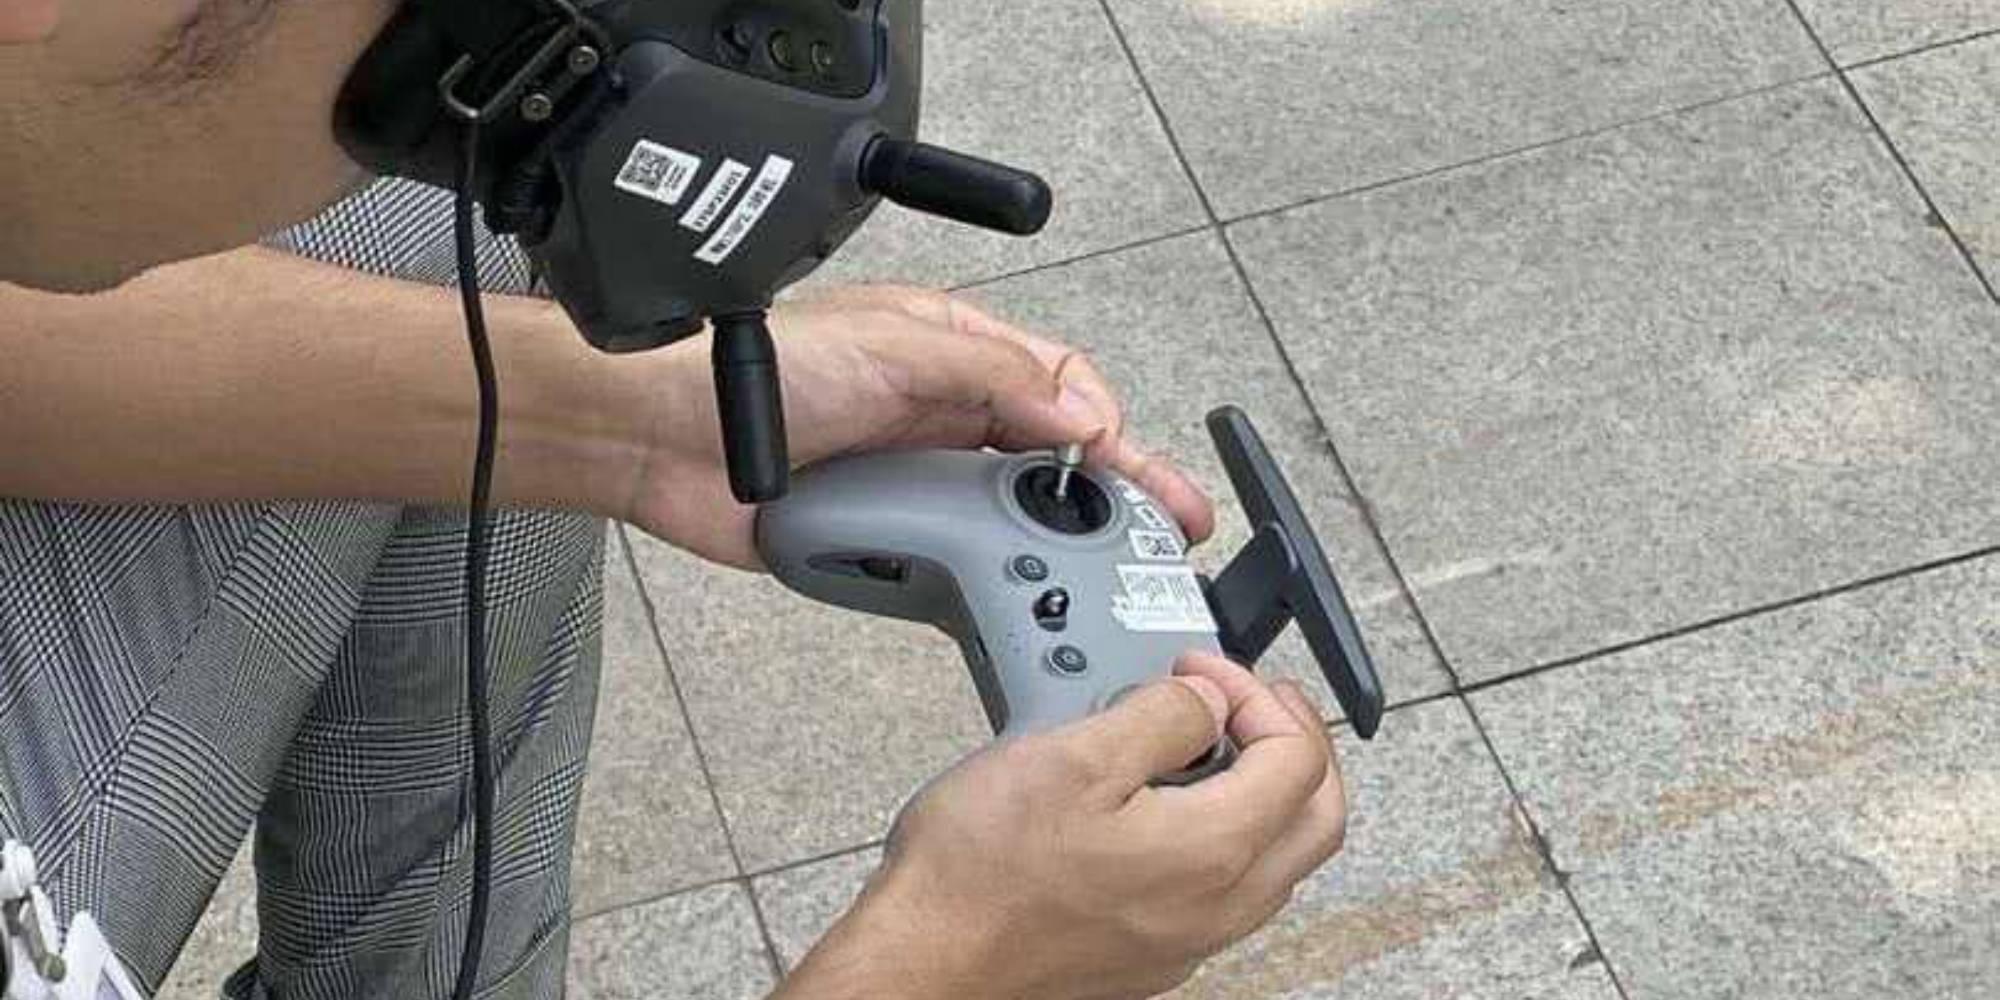 Controller FPV digitale di DJI